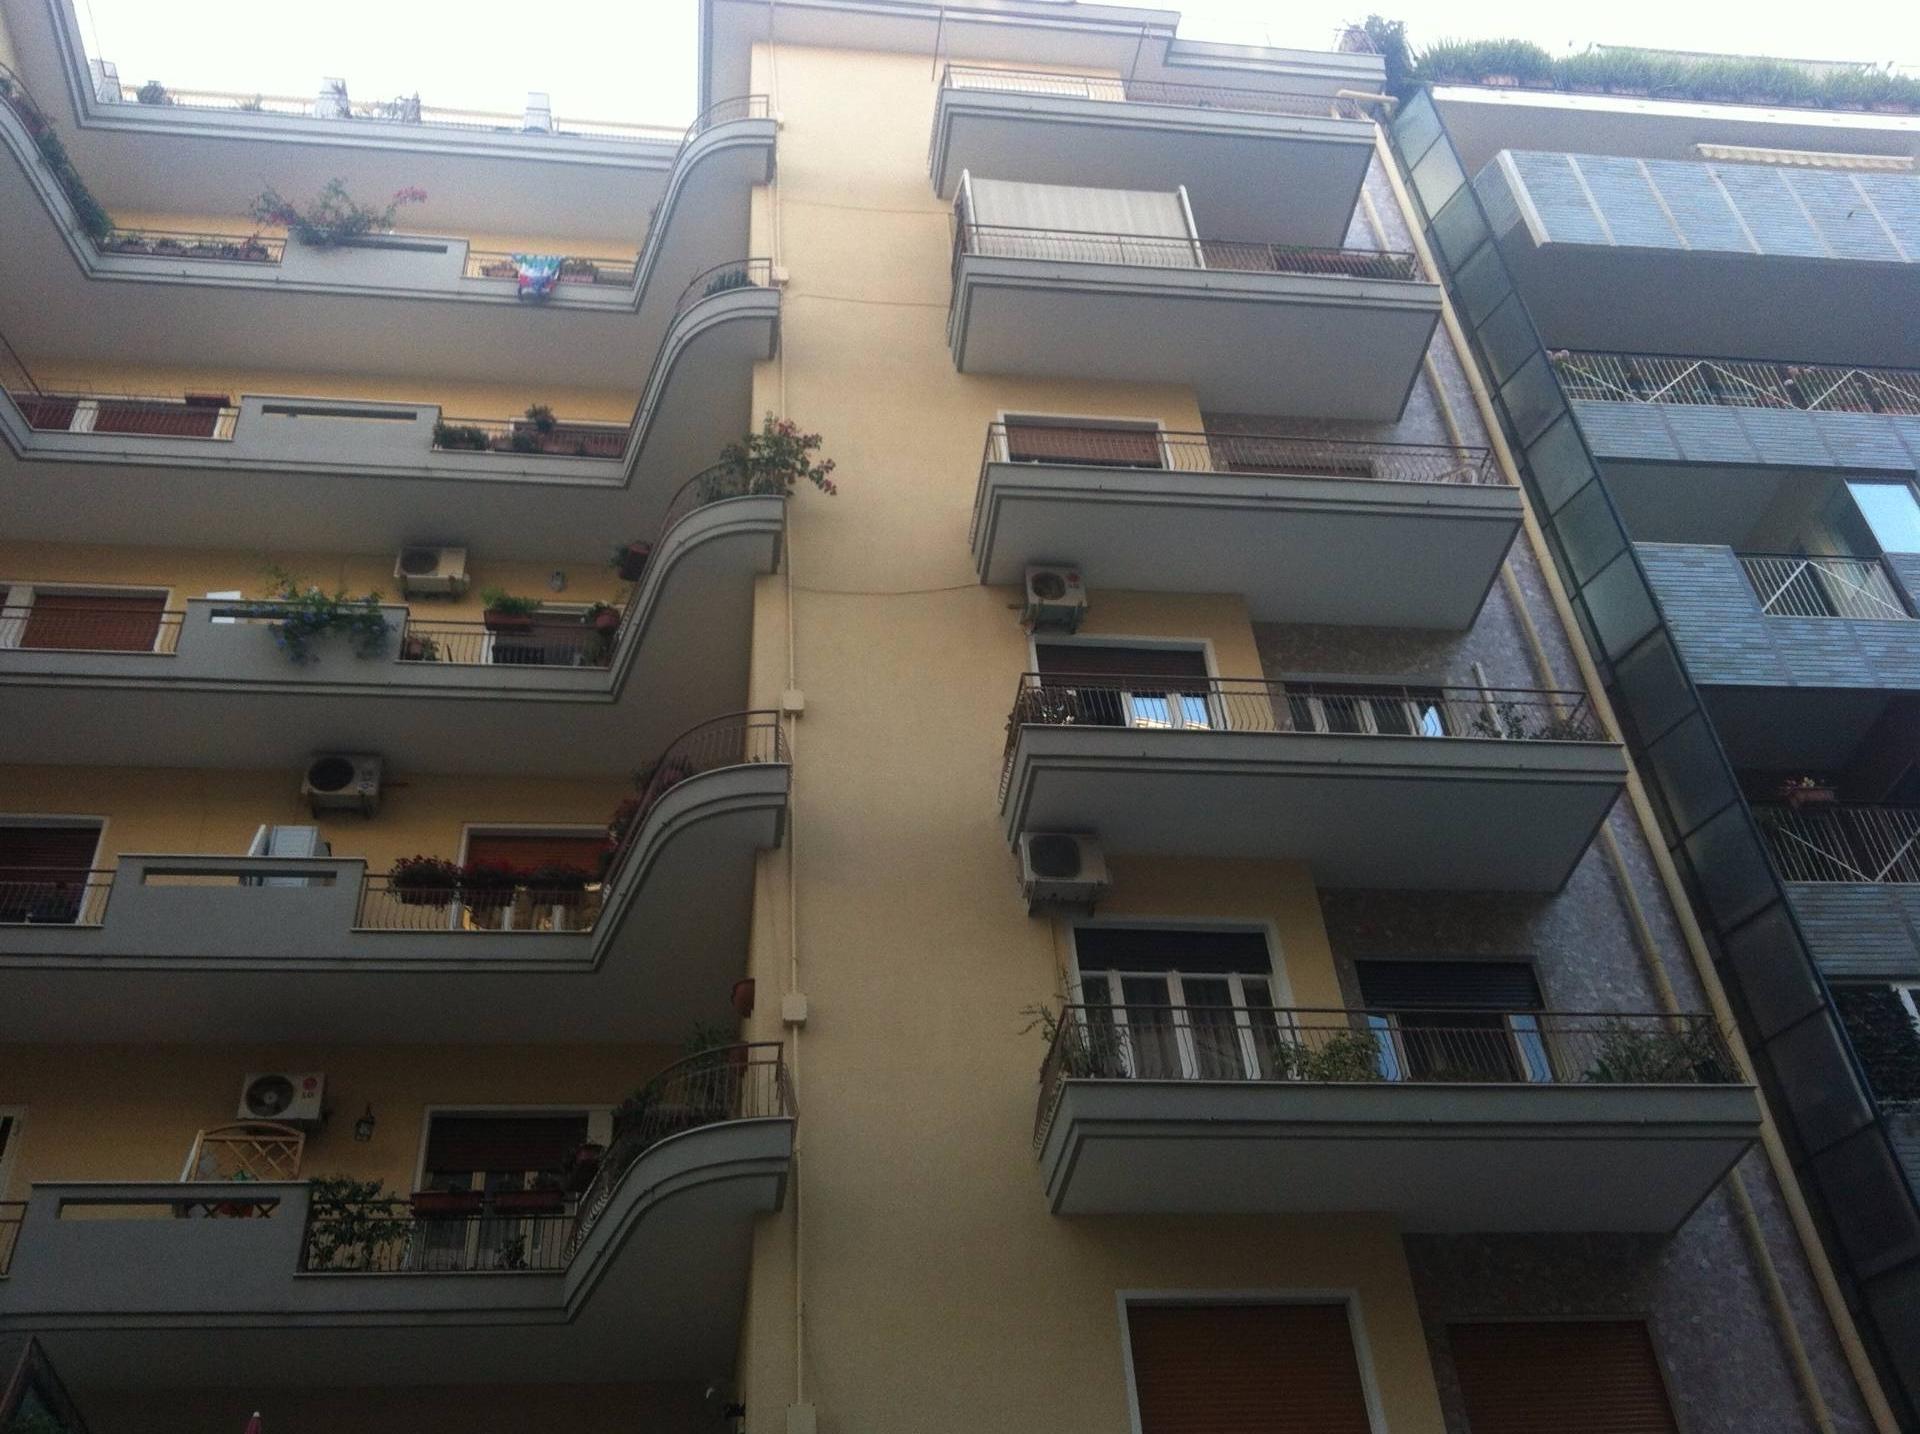 Appartamento in vendita a Bari, 5 locali, zona Zona: Madonnella, Trattative riservate | Cambio Casa.it